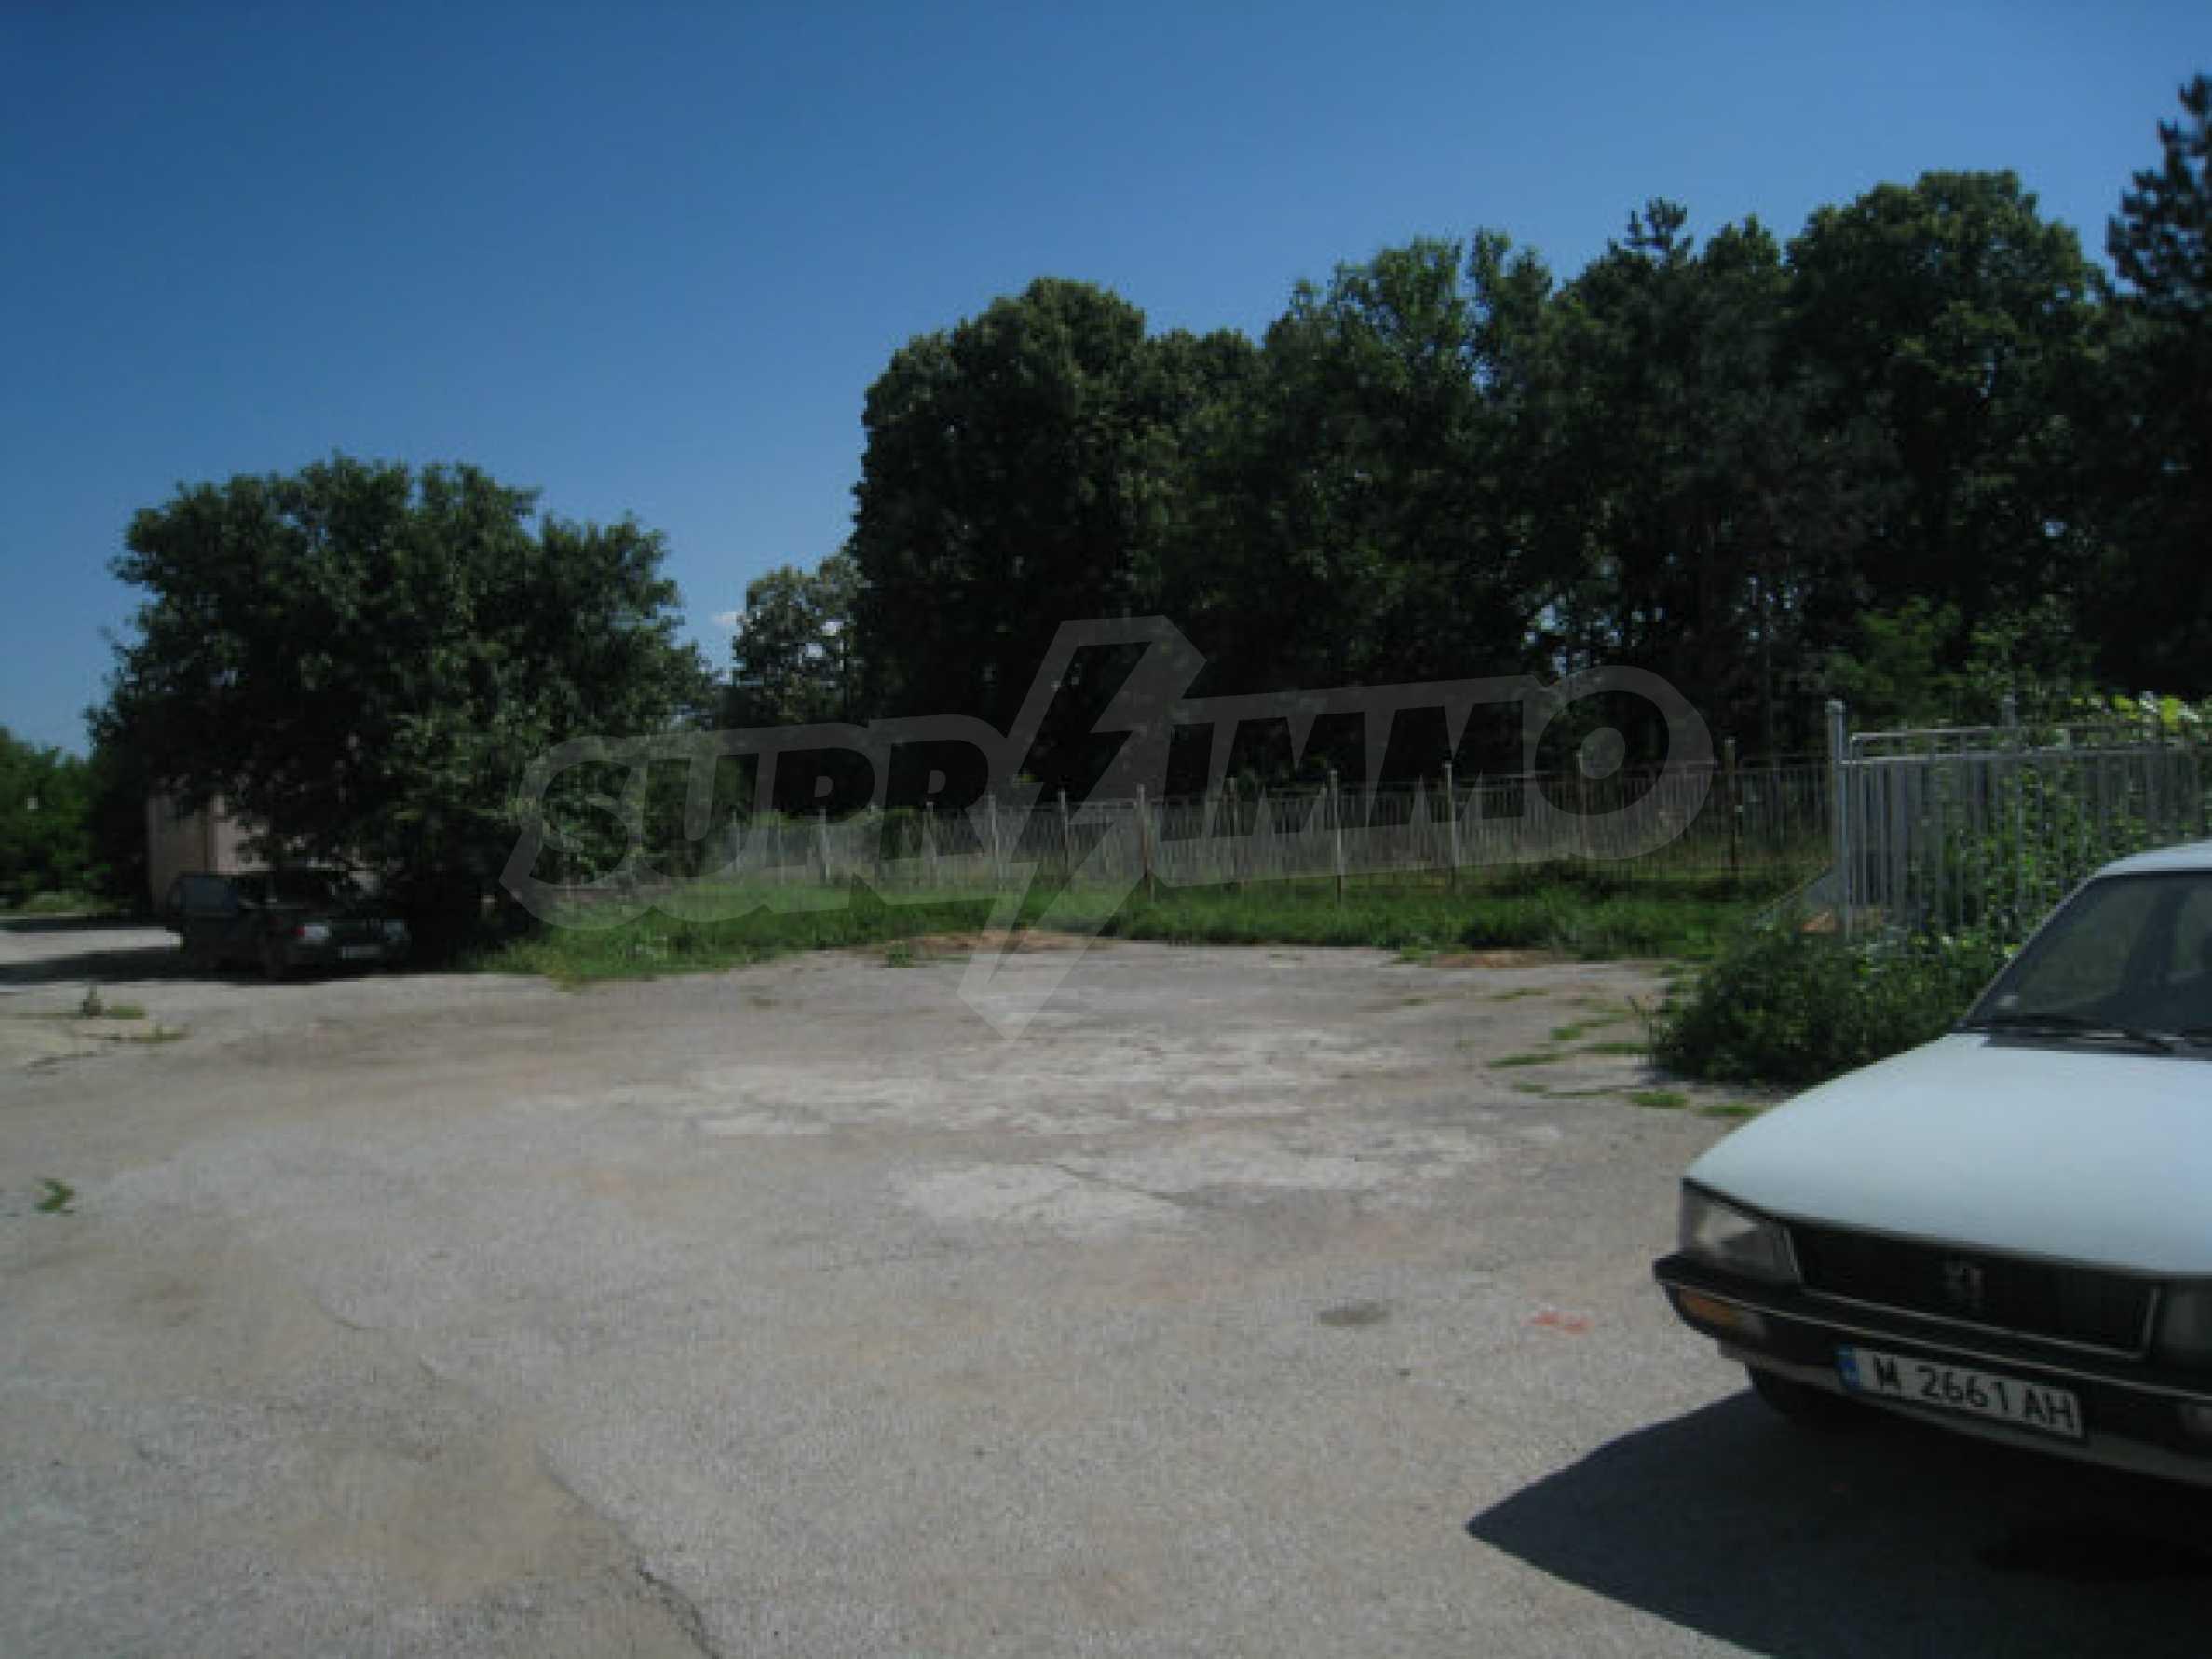 Produktionsgebäude mit Dienstleistungs- und Verwaltungsgebäude in der Nähe von Monatan 22